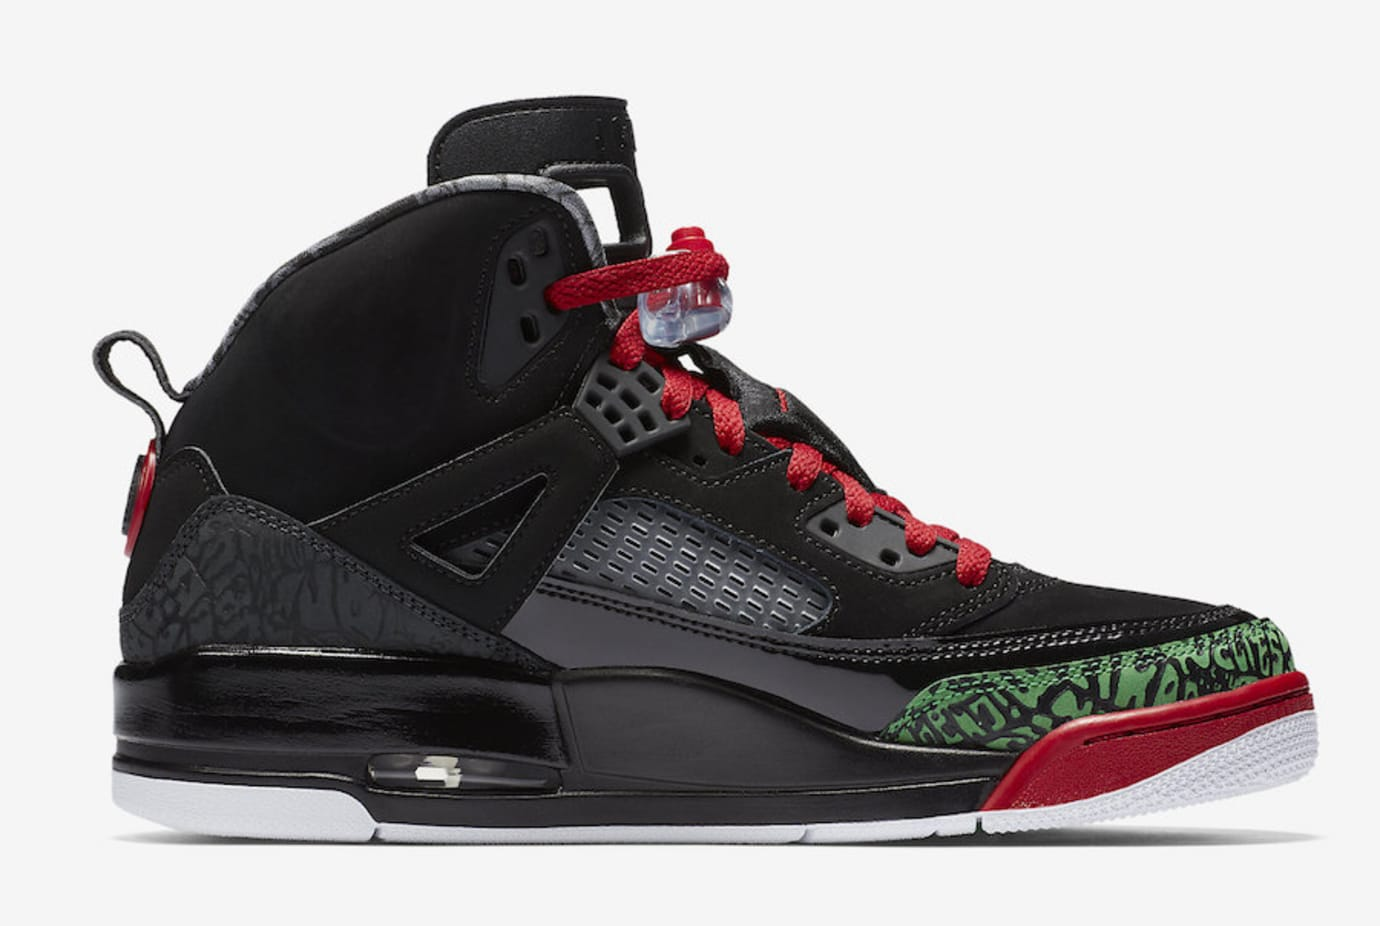 Air Jordan Spizike OG 315371-026 (Medial)